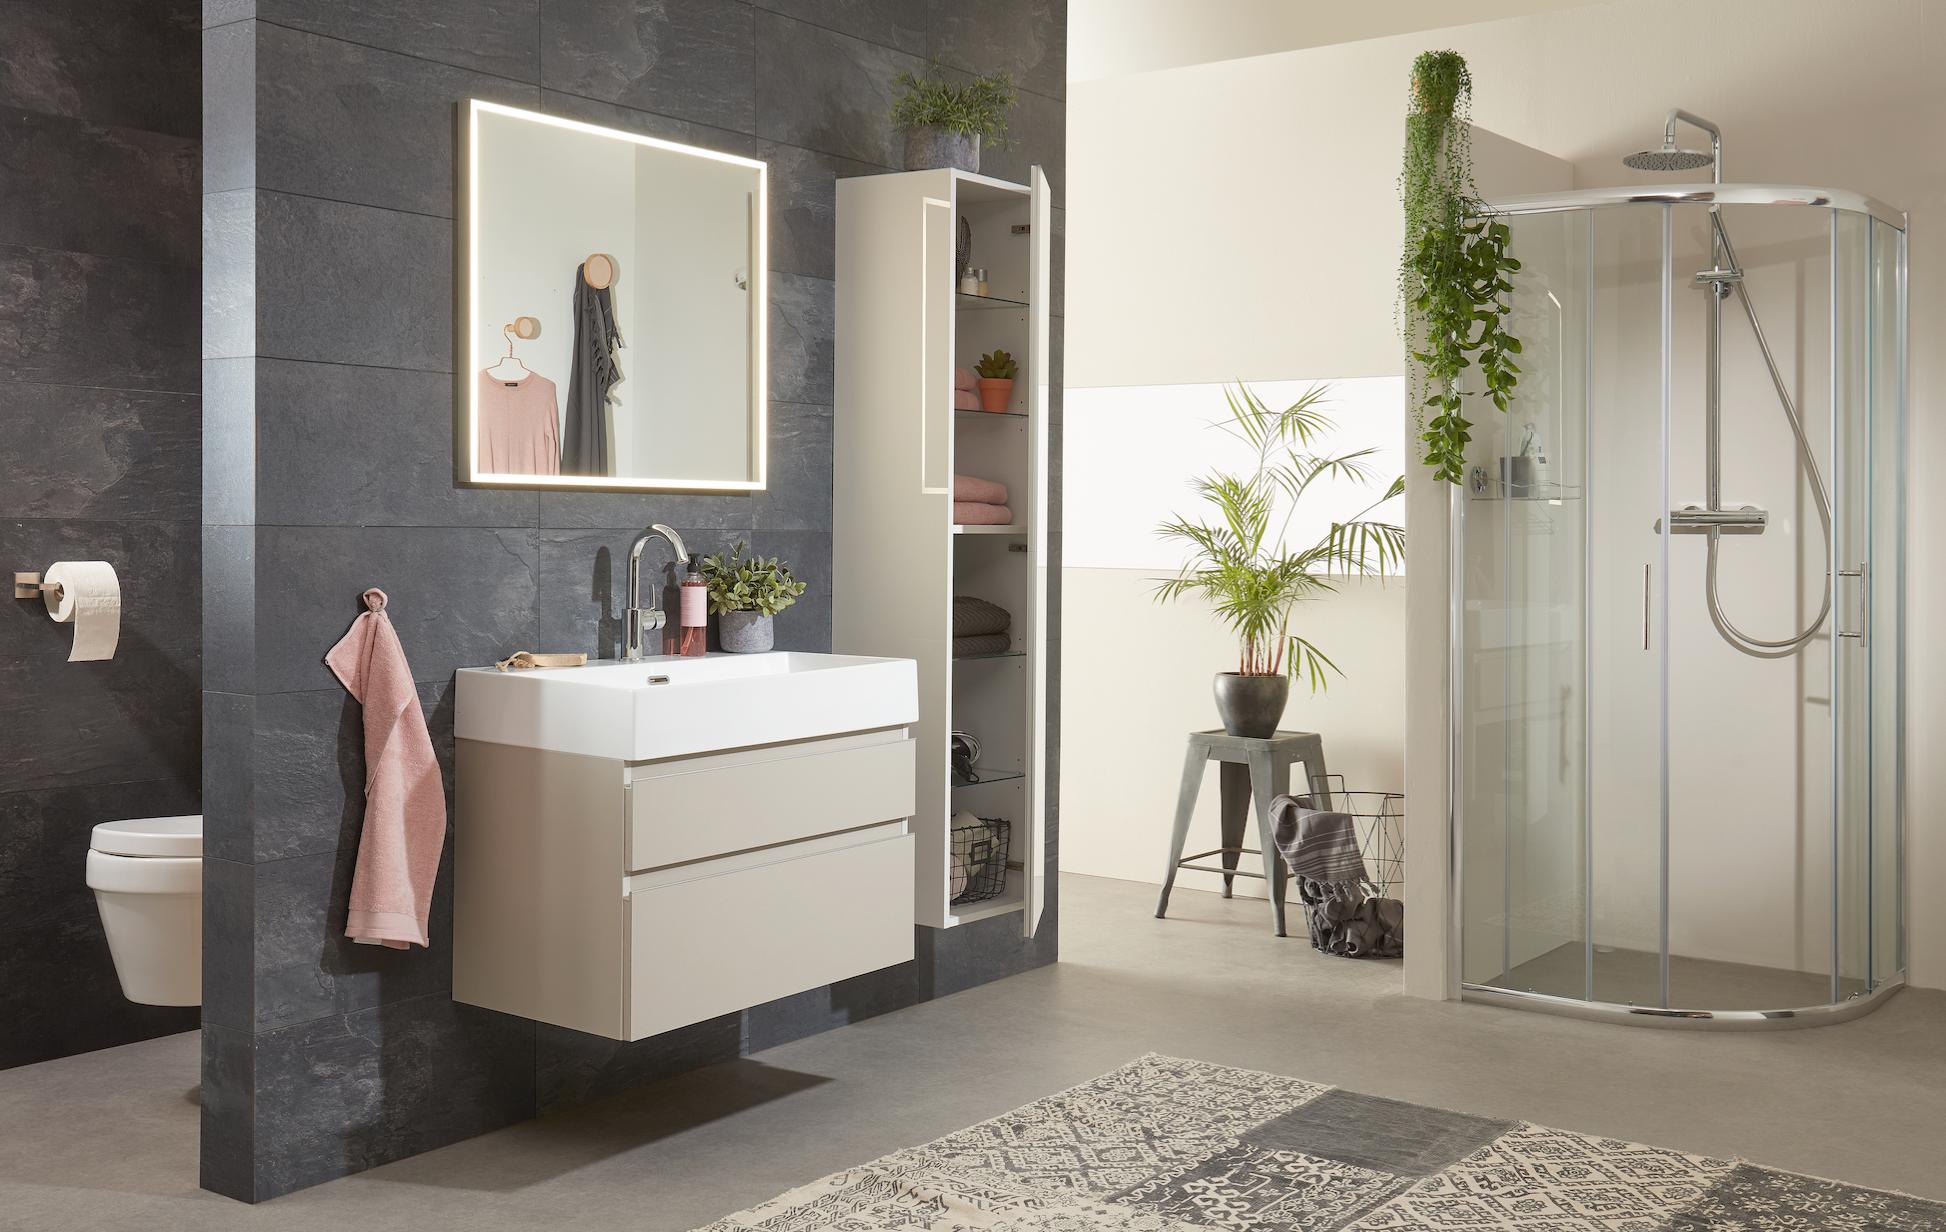 Nieuw bij Bruynzeel, de Roma badmeubelserie! Een tijdloze meubelserie met kenmerkende, moderne eigenschappen. De keramische wastafel heeft een hoge dunne rand en de aluminium greeplijsten garanderen de moderne woonstijl.